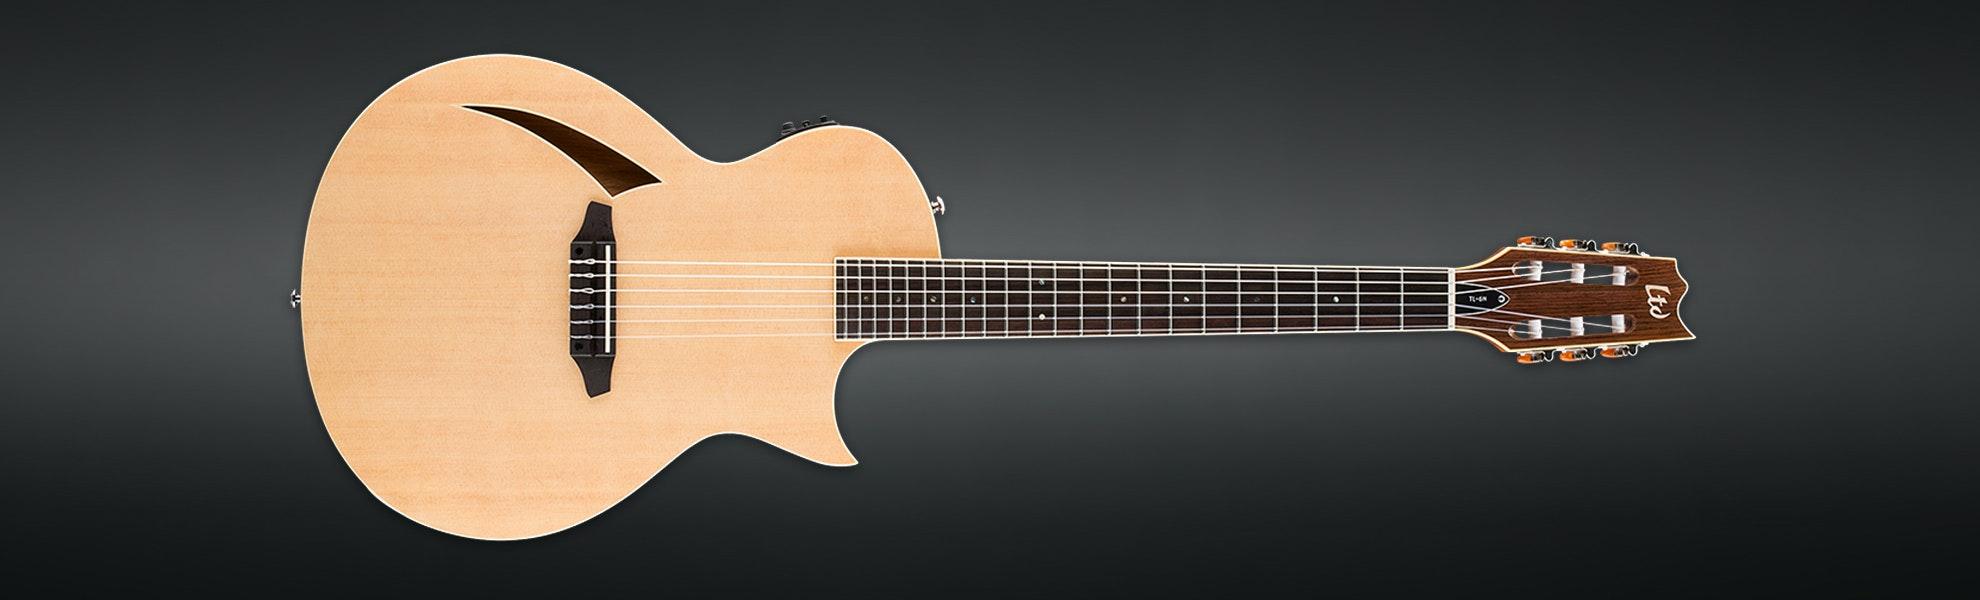 ESP LTD B-Stock TL-6 Acoustic-Electric Guitar